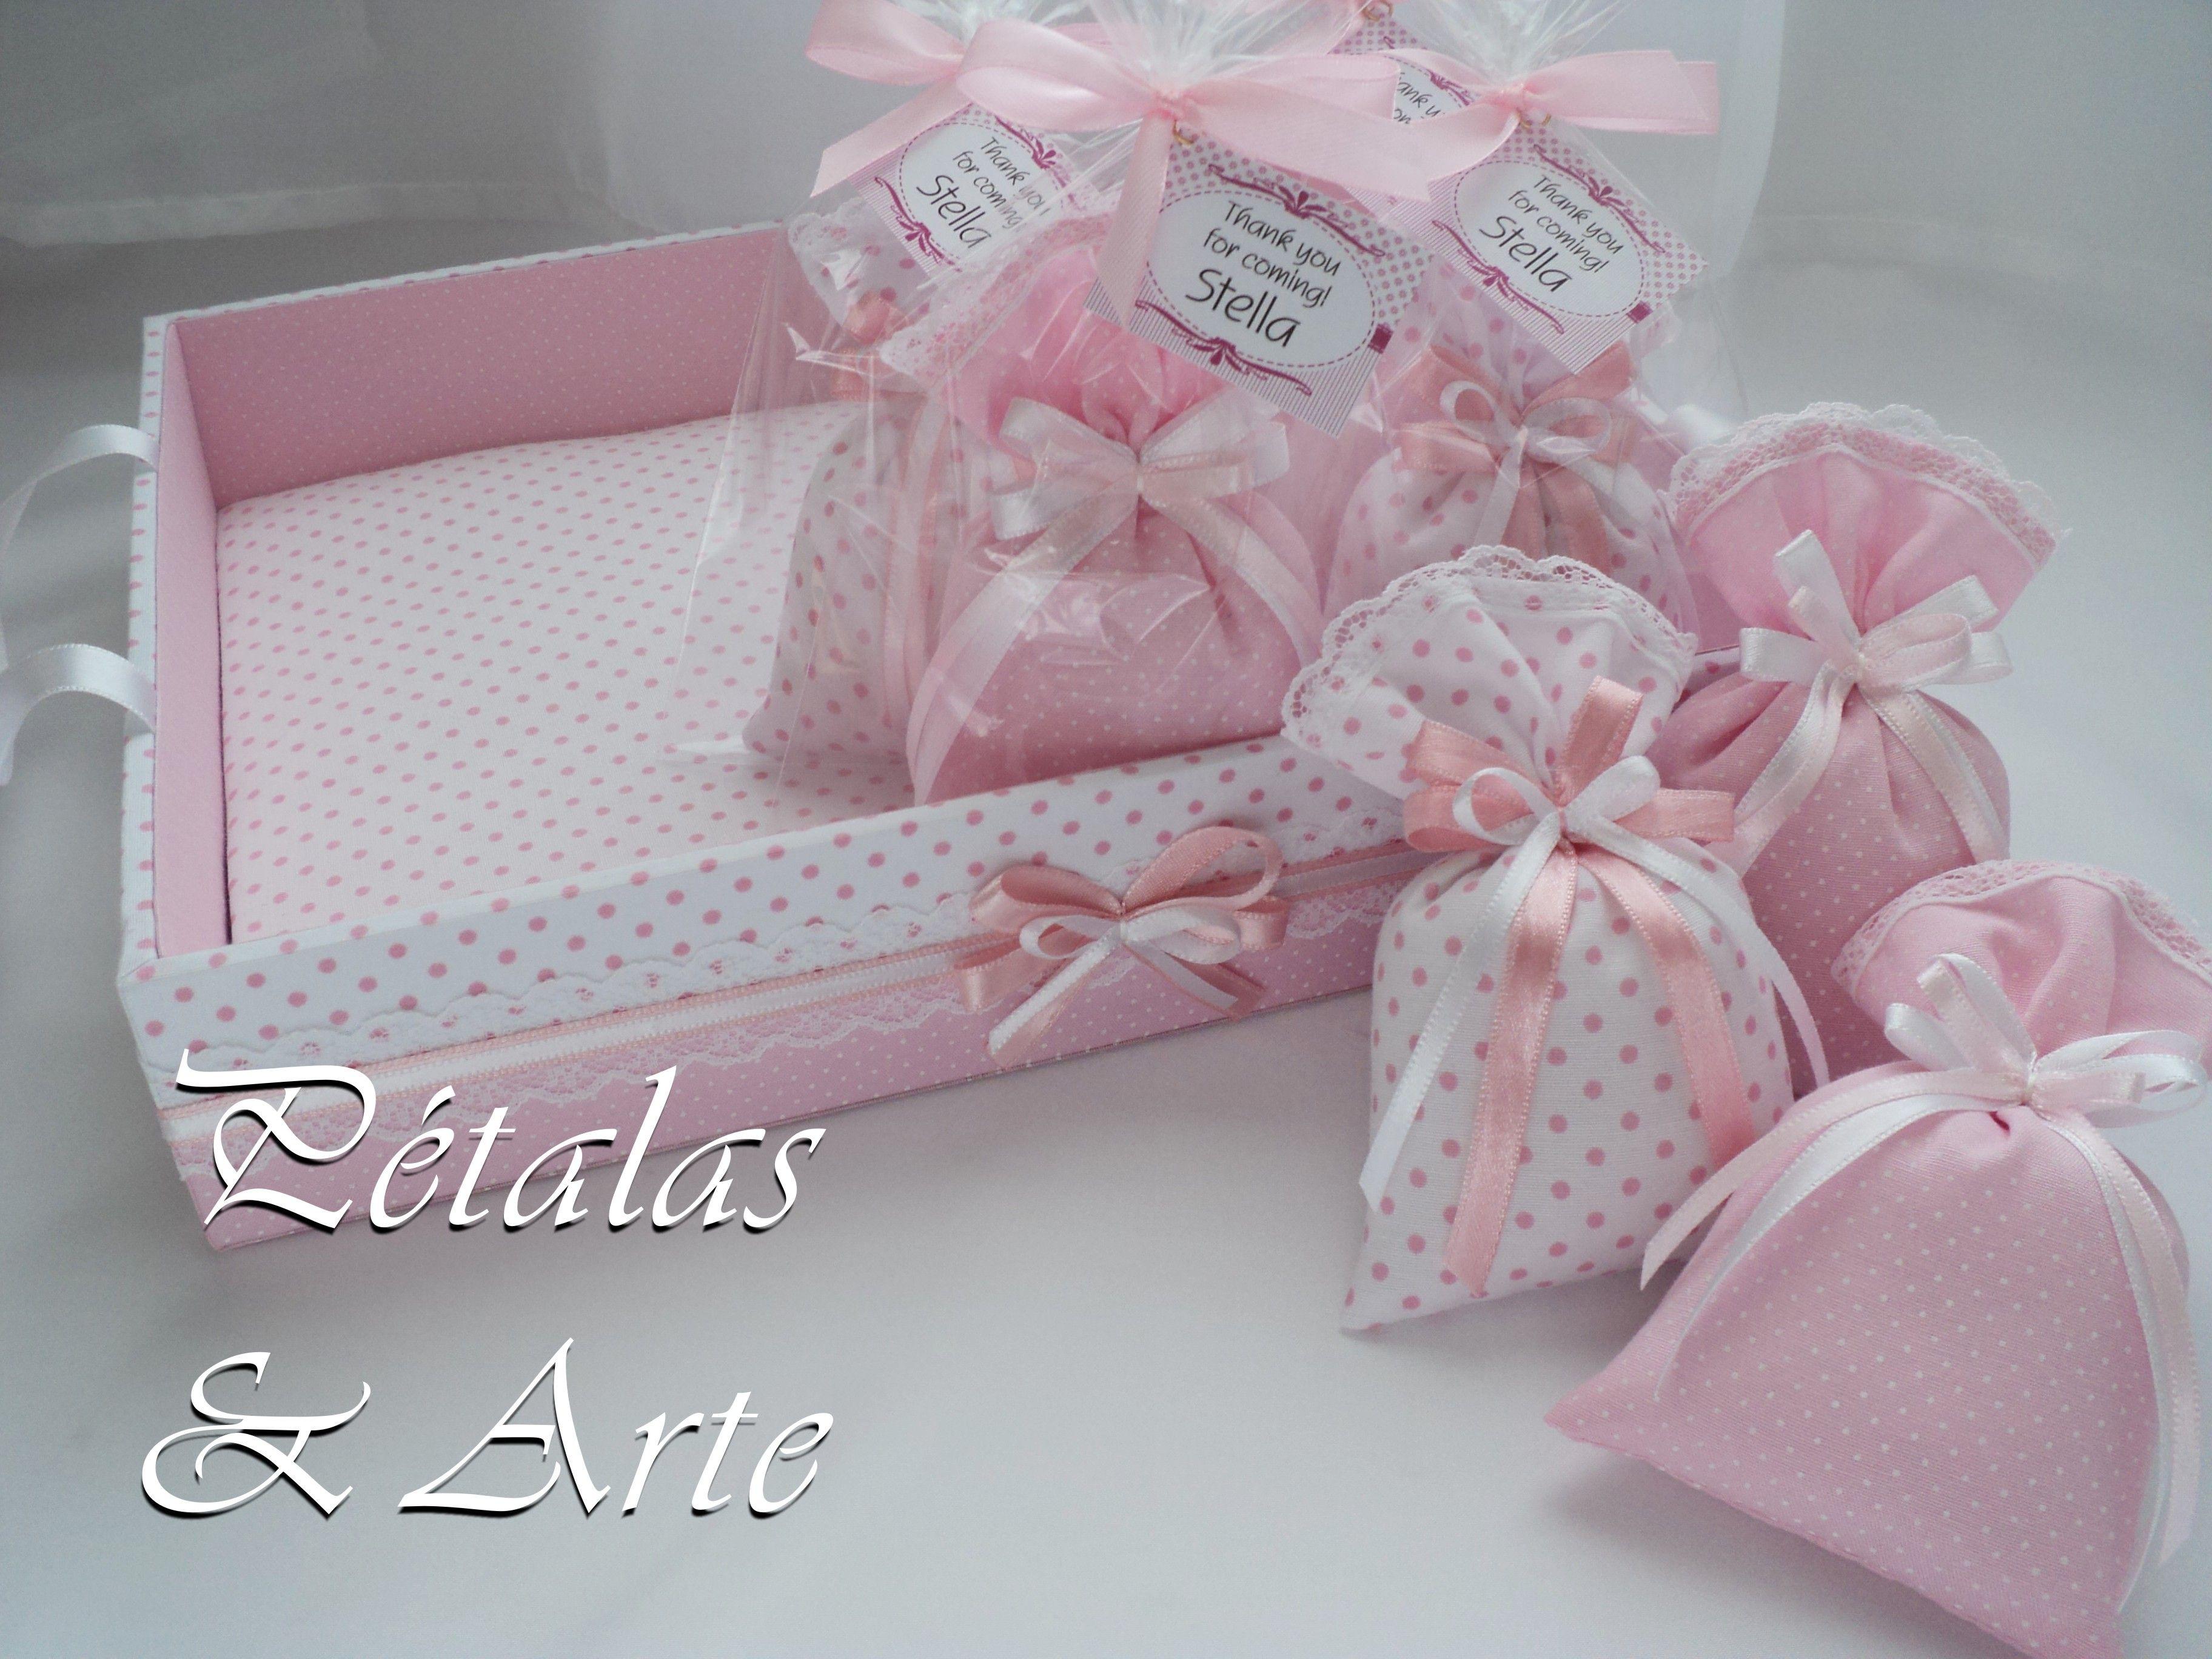 sache perfumado sonho rosa detalhe da bandeja decorada e. Black Bedroom Furniture Sets. Home Design Ideas